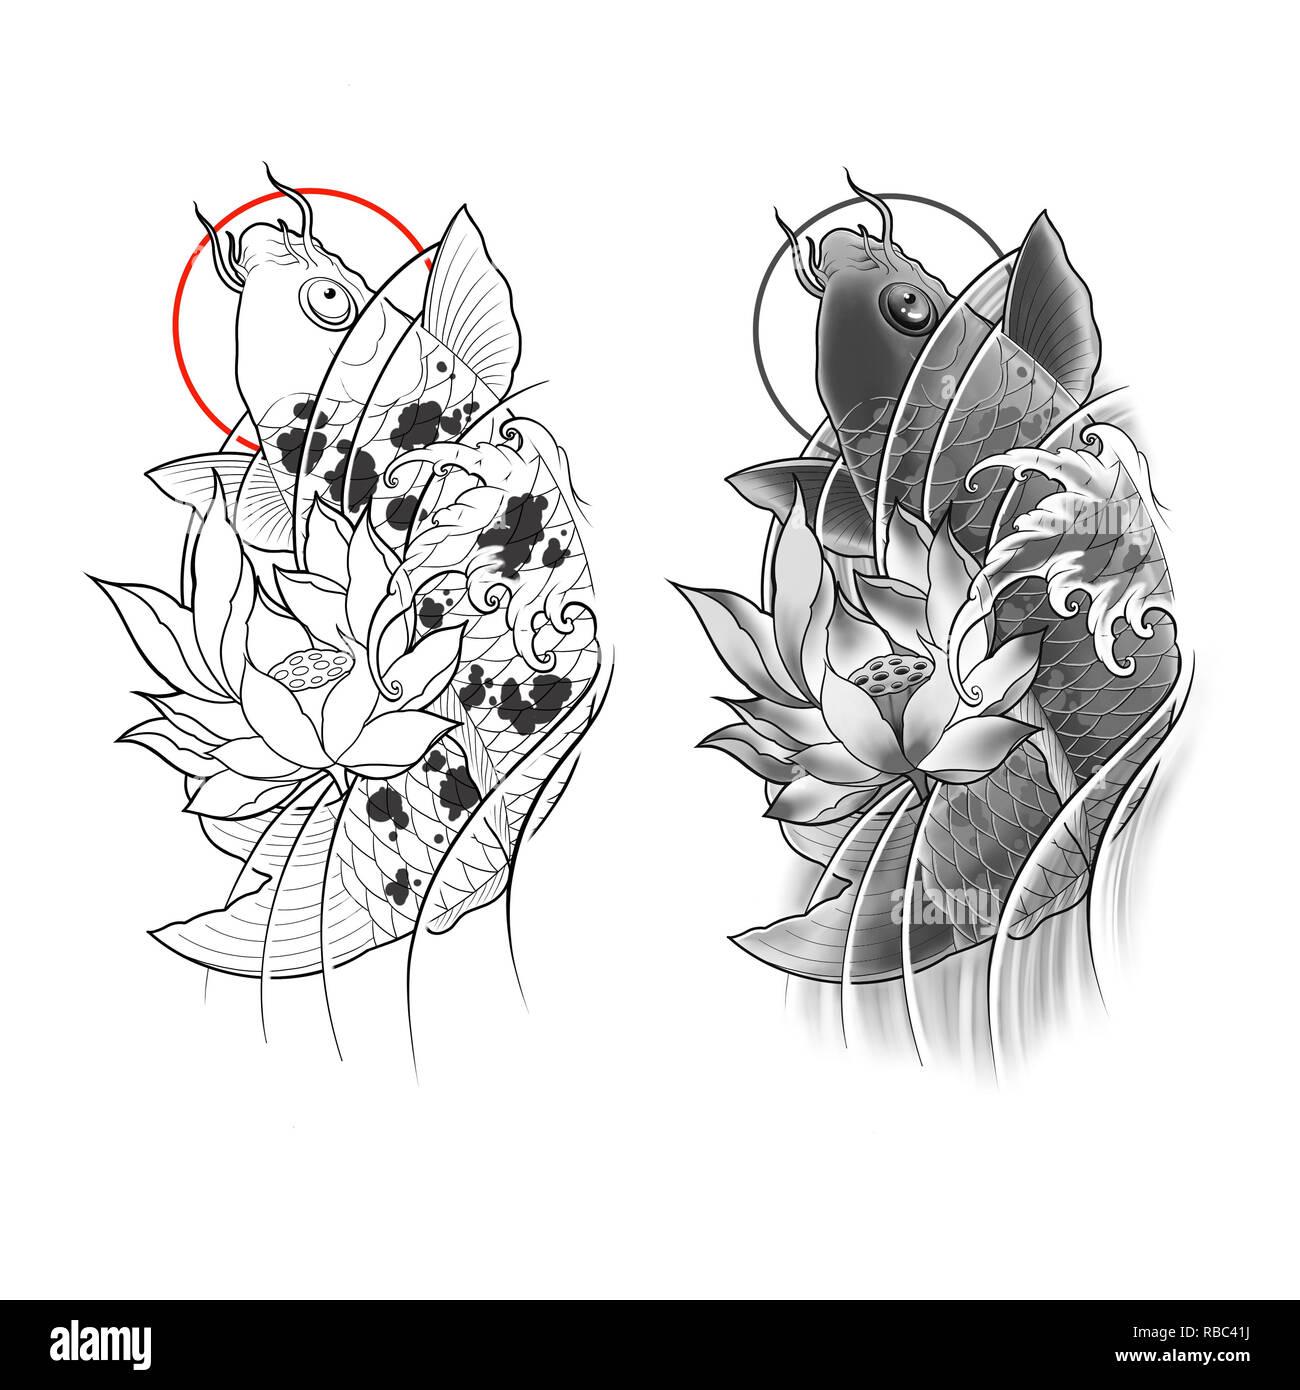 Peces Koi Dibujados A Mano Con Flor De Loto Y Ola De Agua Diseño De